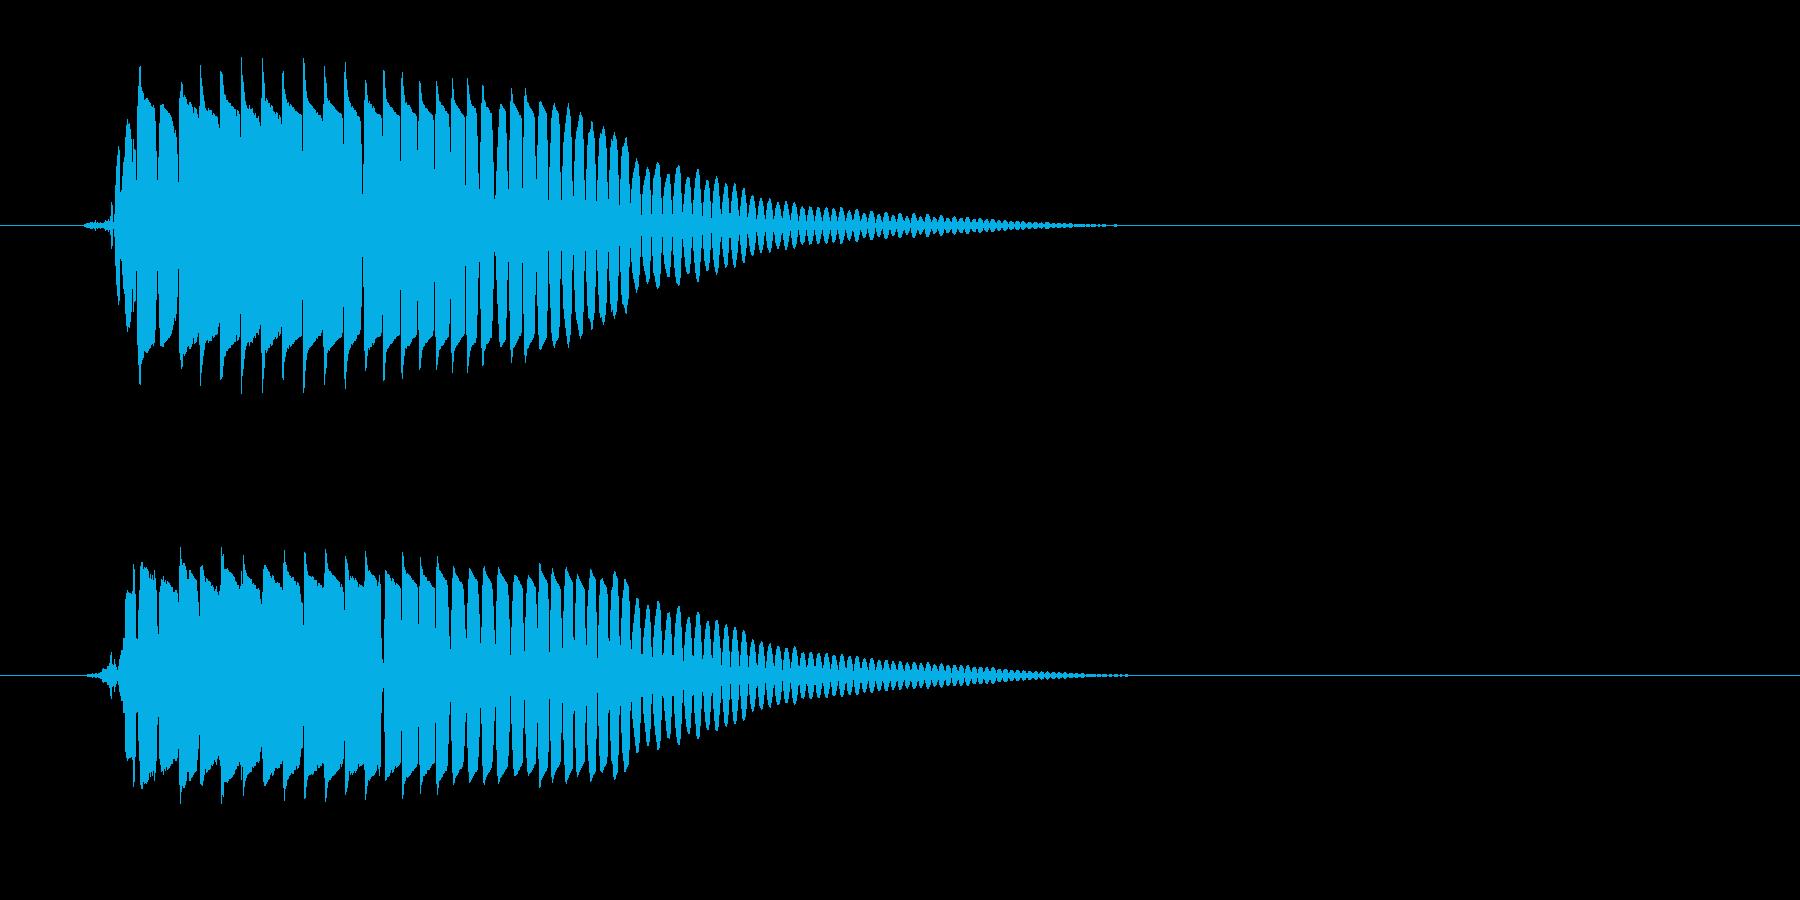 ポヨン(かわいい音)の再生済みの波形